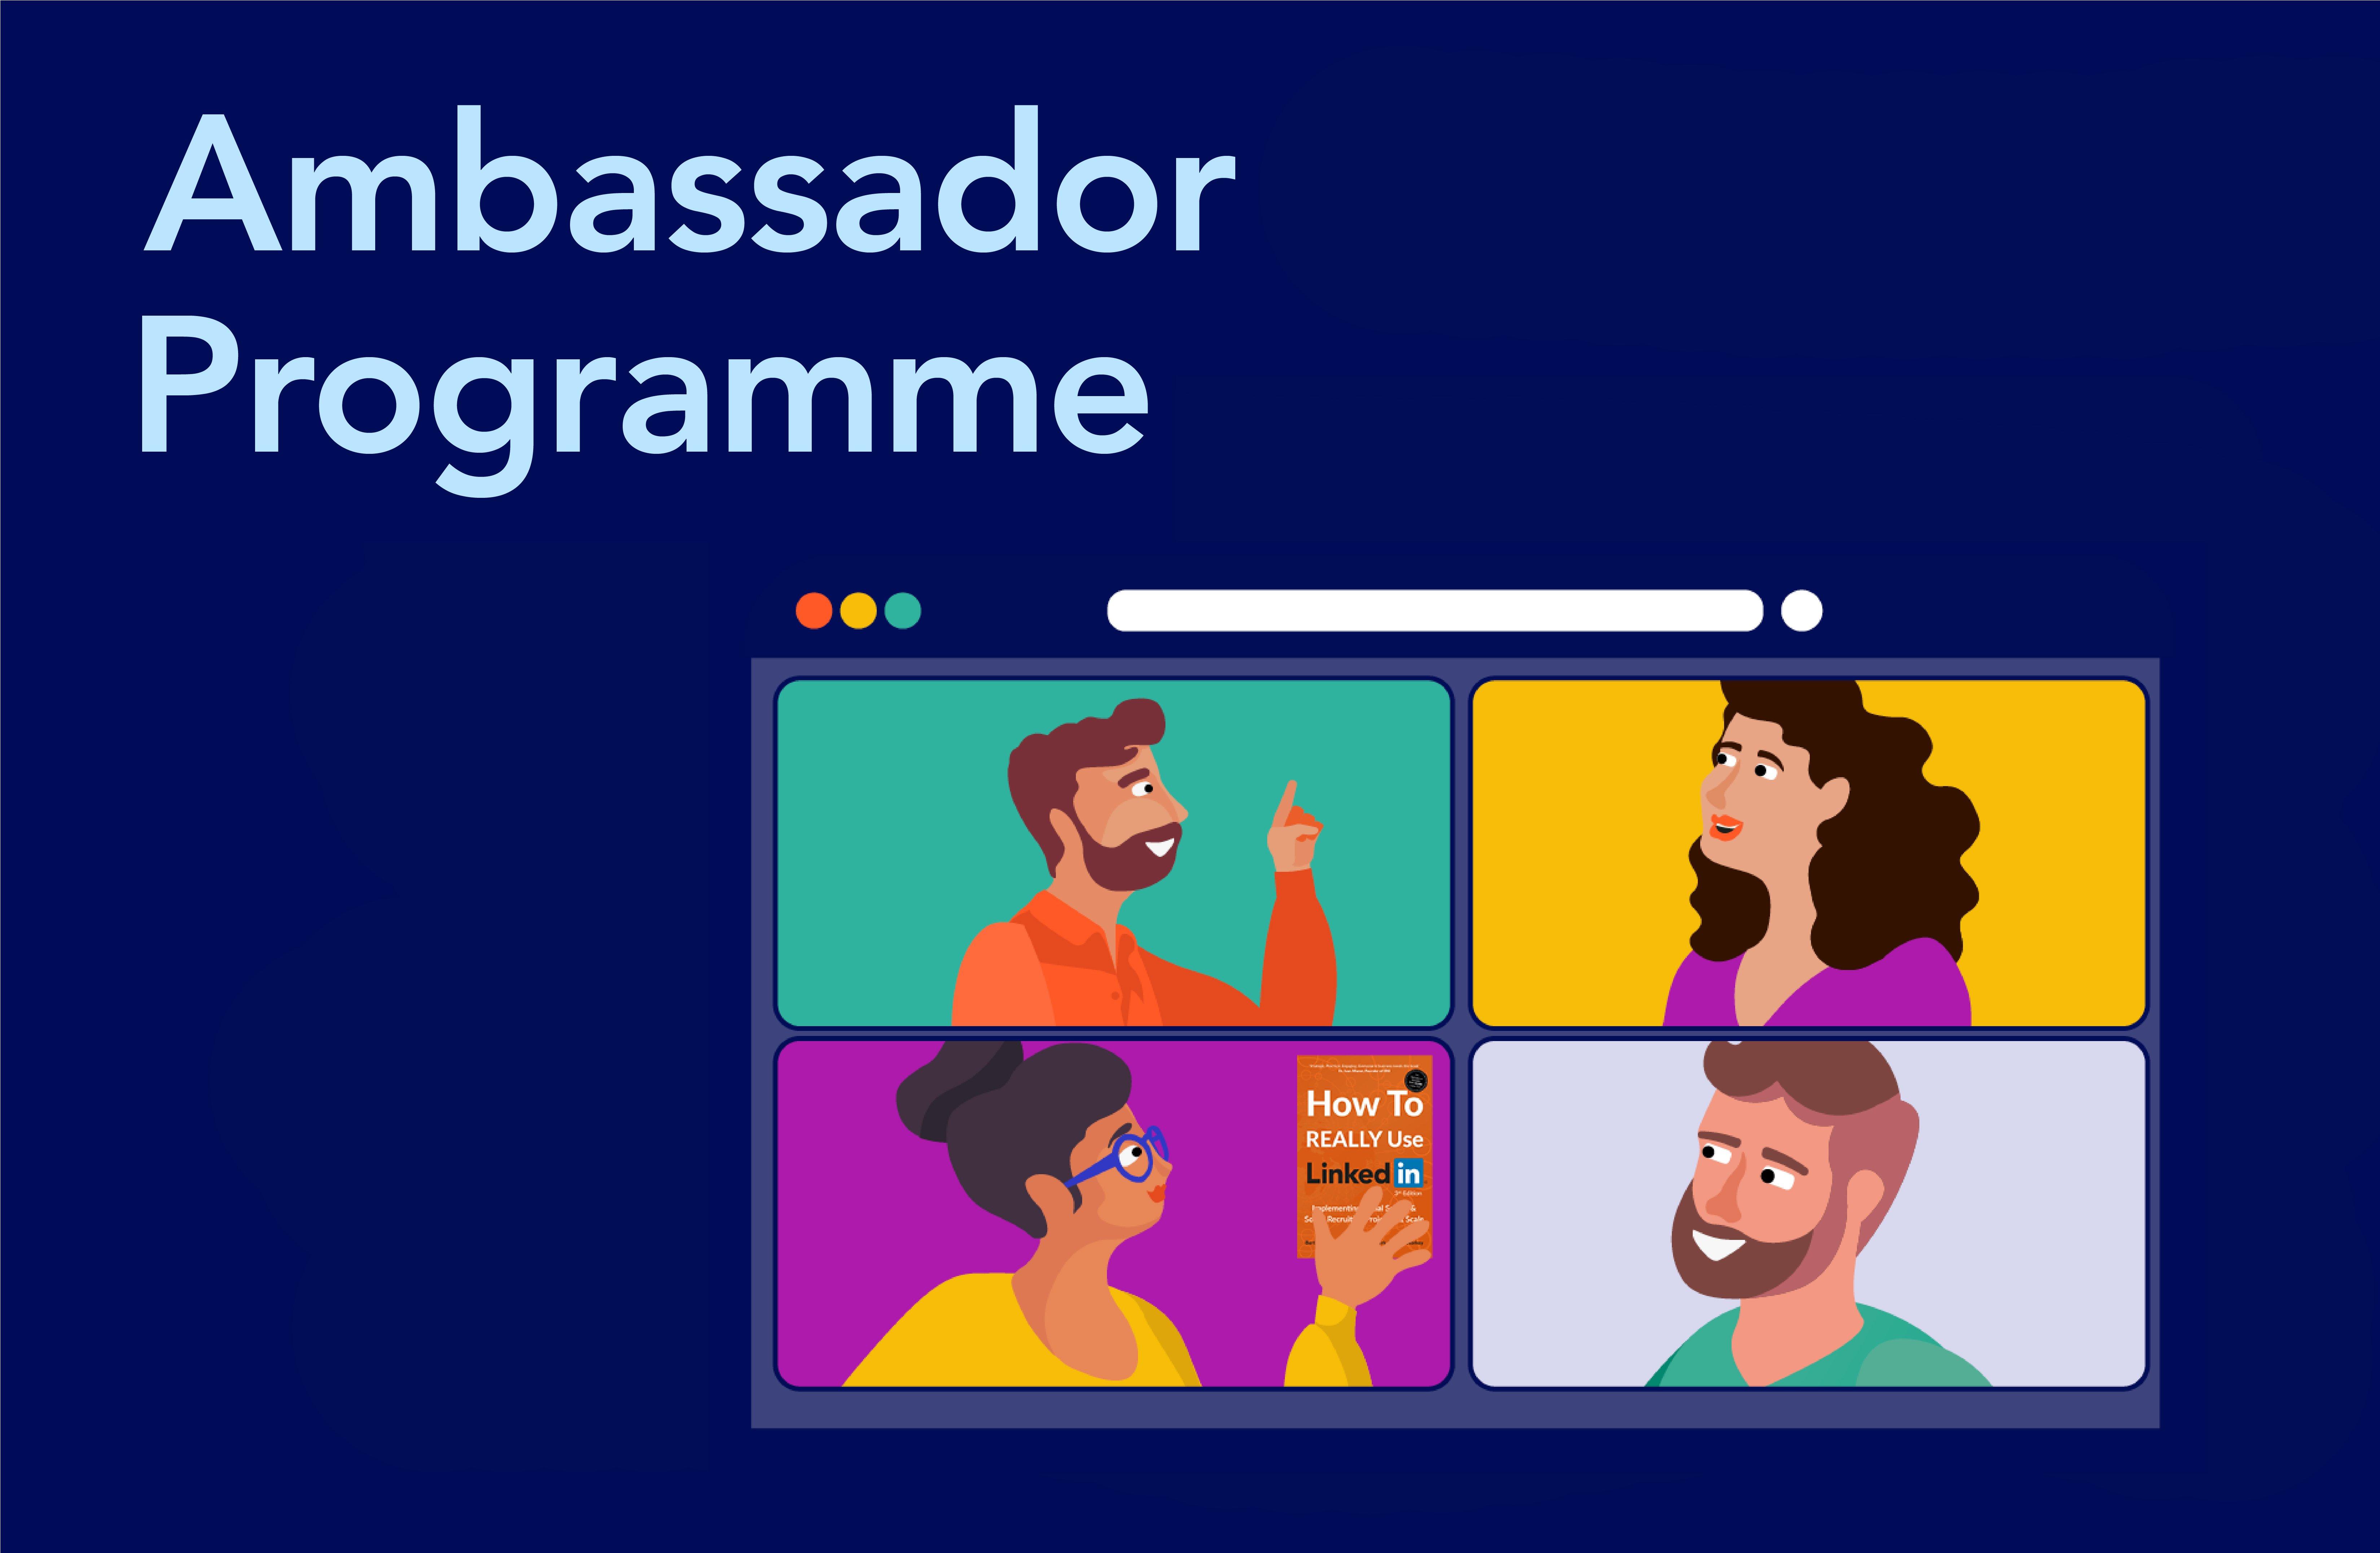 Ambassador Programme